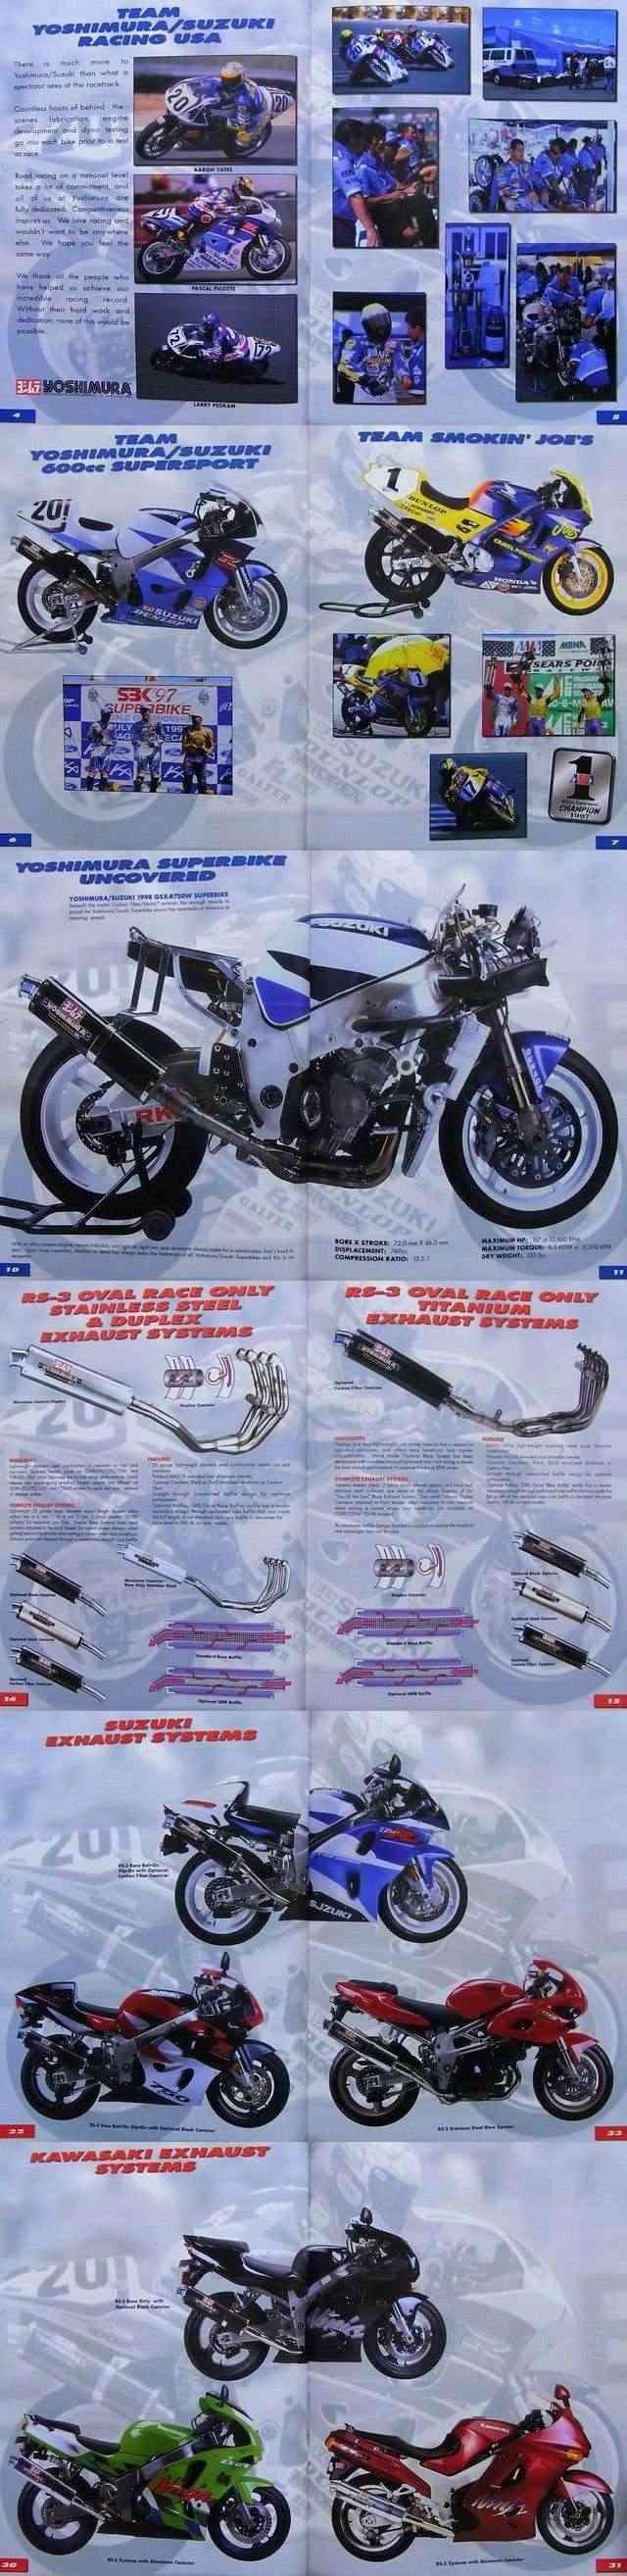 Suzuki 750/ 600 SRAD - Page 5 32379710